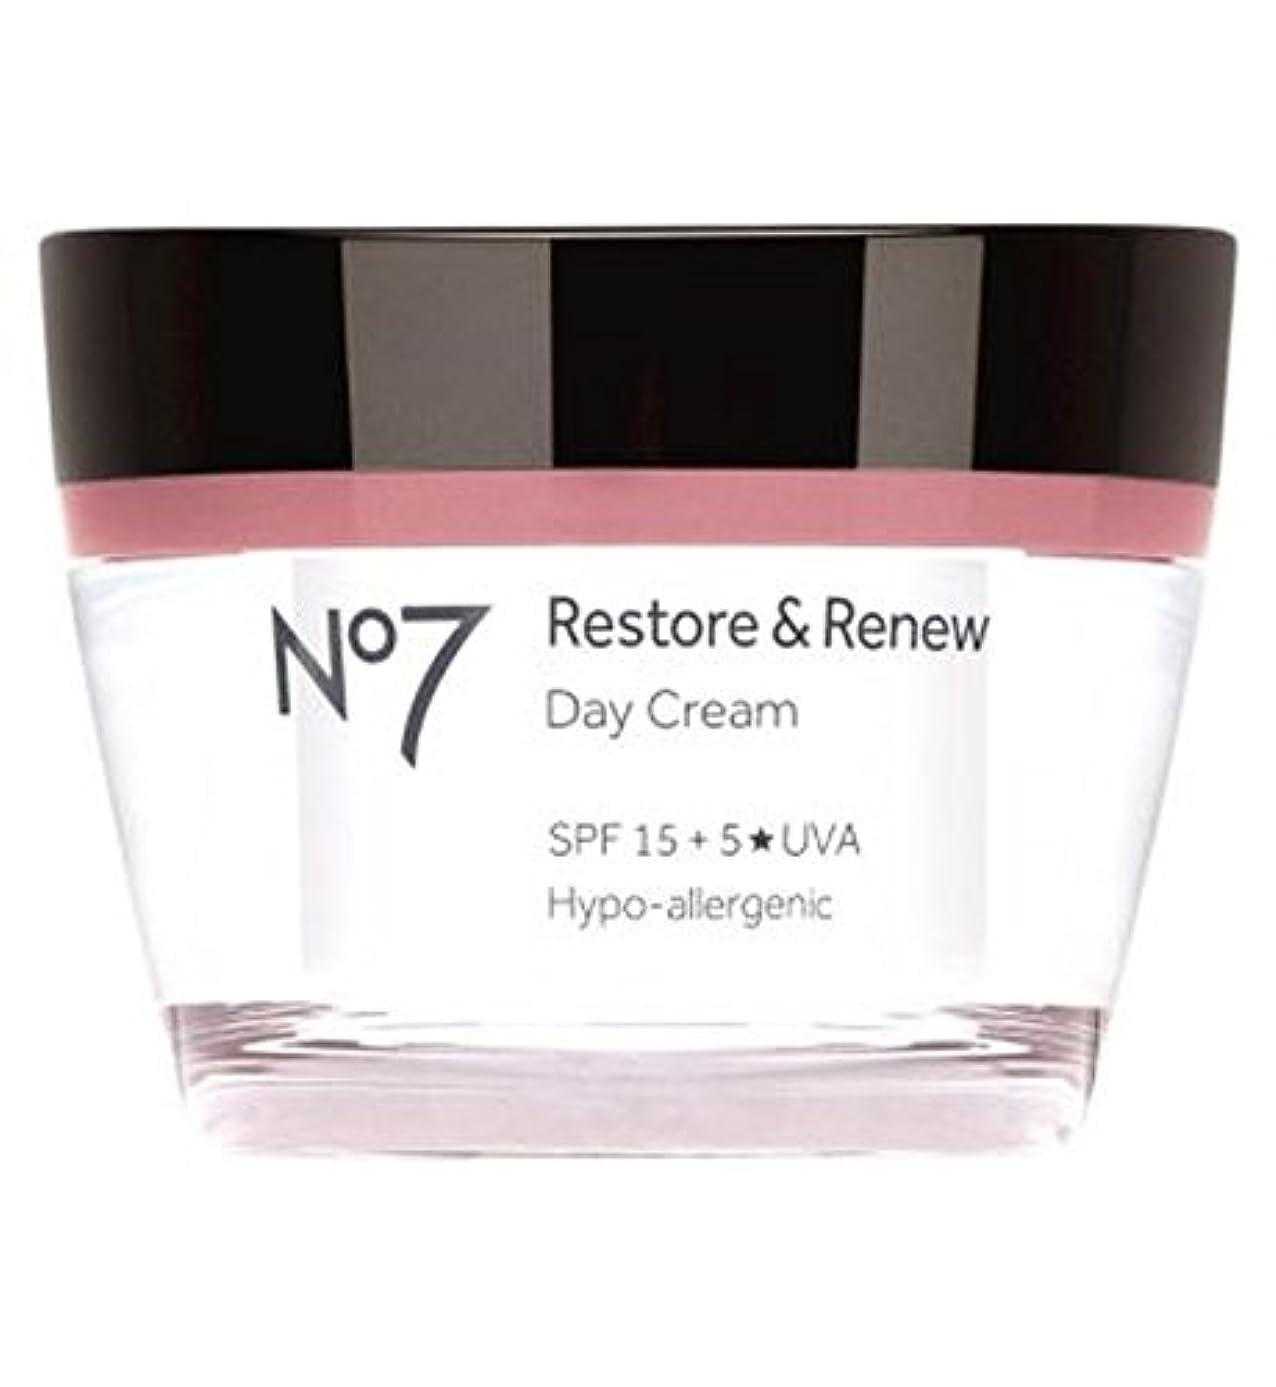 お香サイドボード覗くNo7 Restore & Renew Day Cream SPF 15 50ml - No7はデイクリームSpf 15 50ミリリットルを復元&更新します (No7) [並行輸入品]